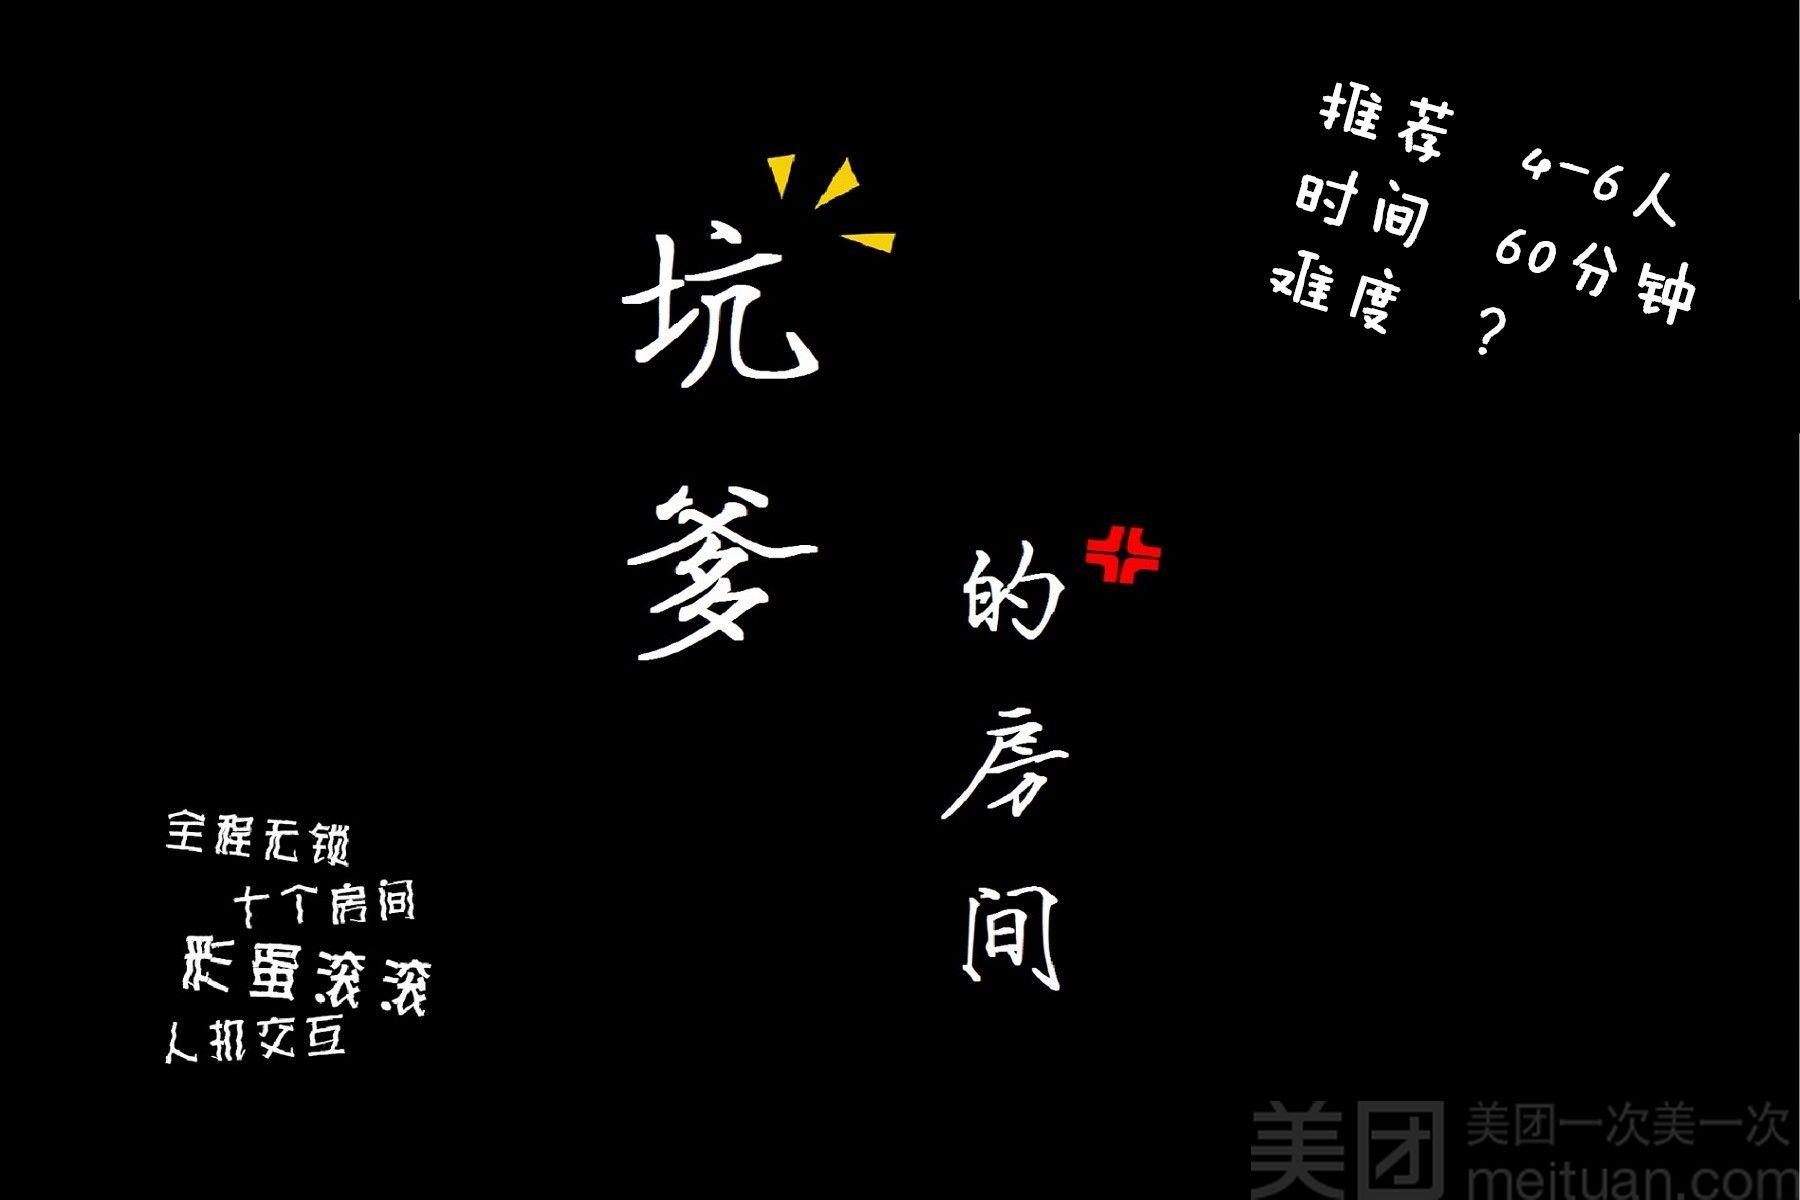 塔诺密室&拼豆DIY(万体馆店)-美团